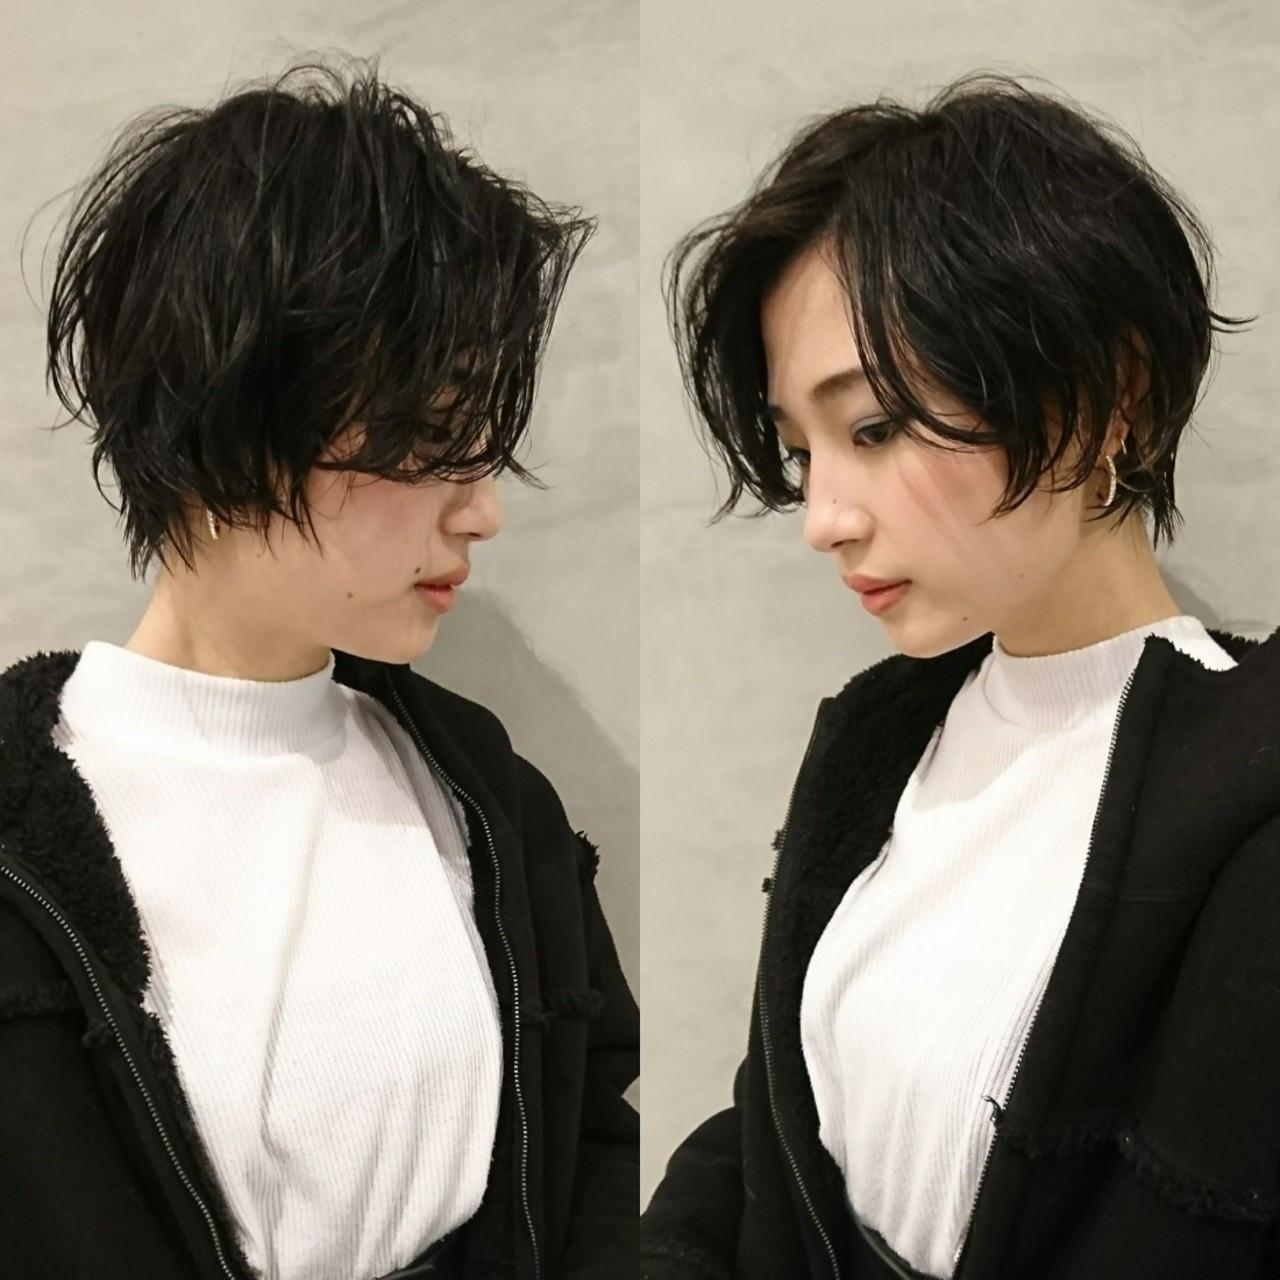 エラ隠しOK!ショートヘアの似合わせカット 阿藤俊也